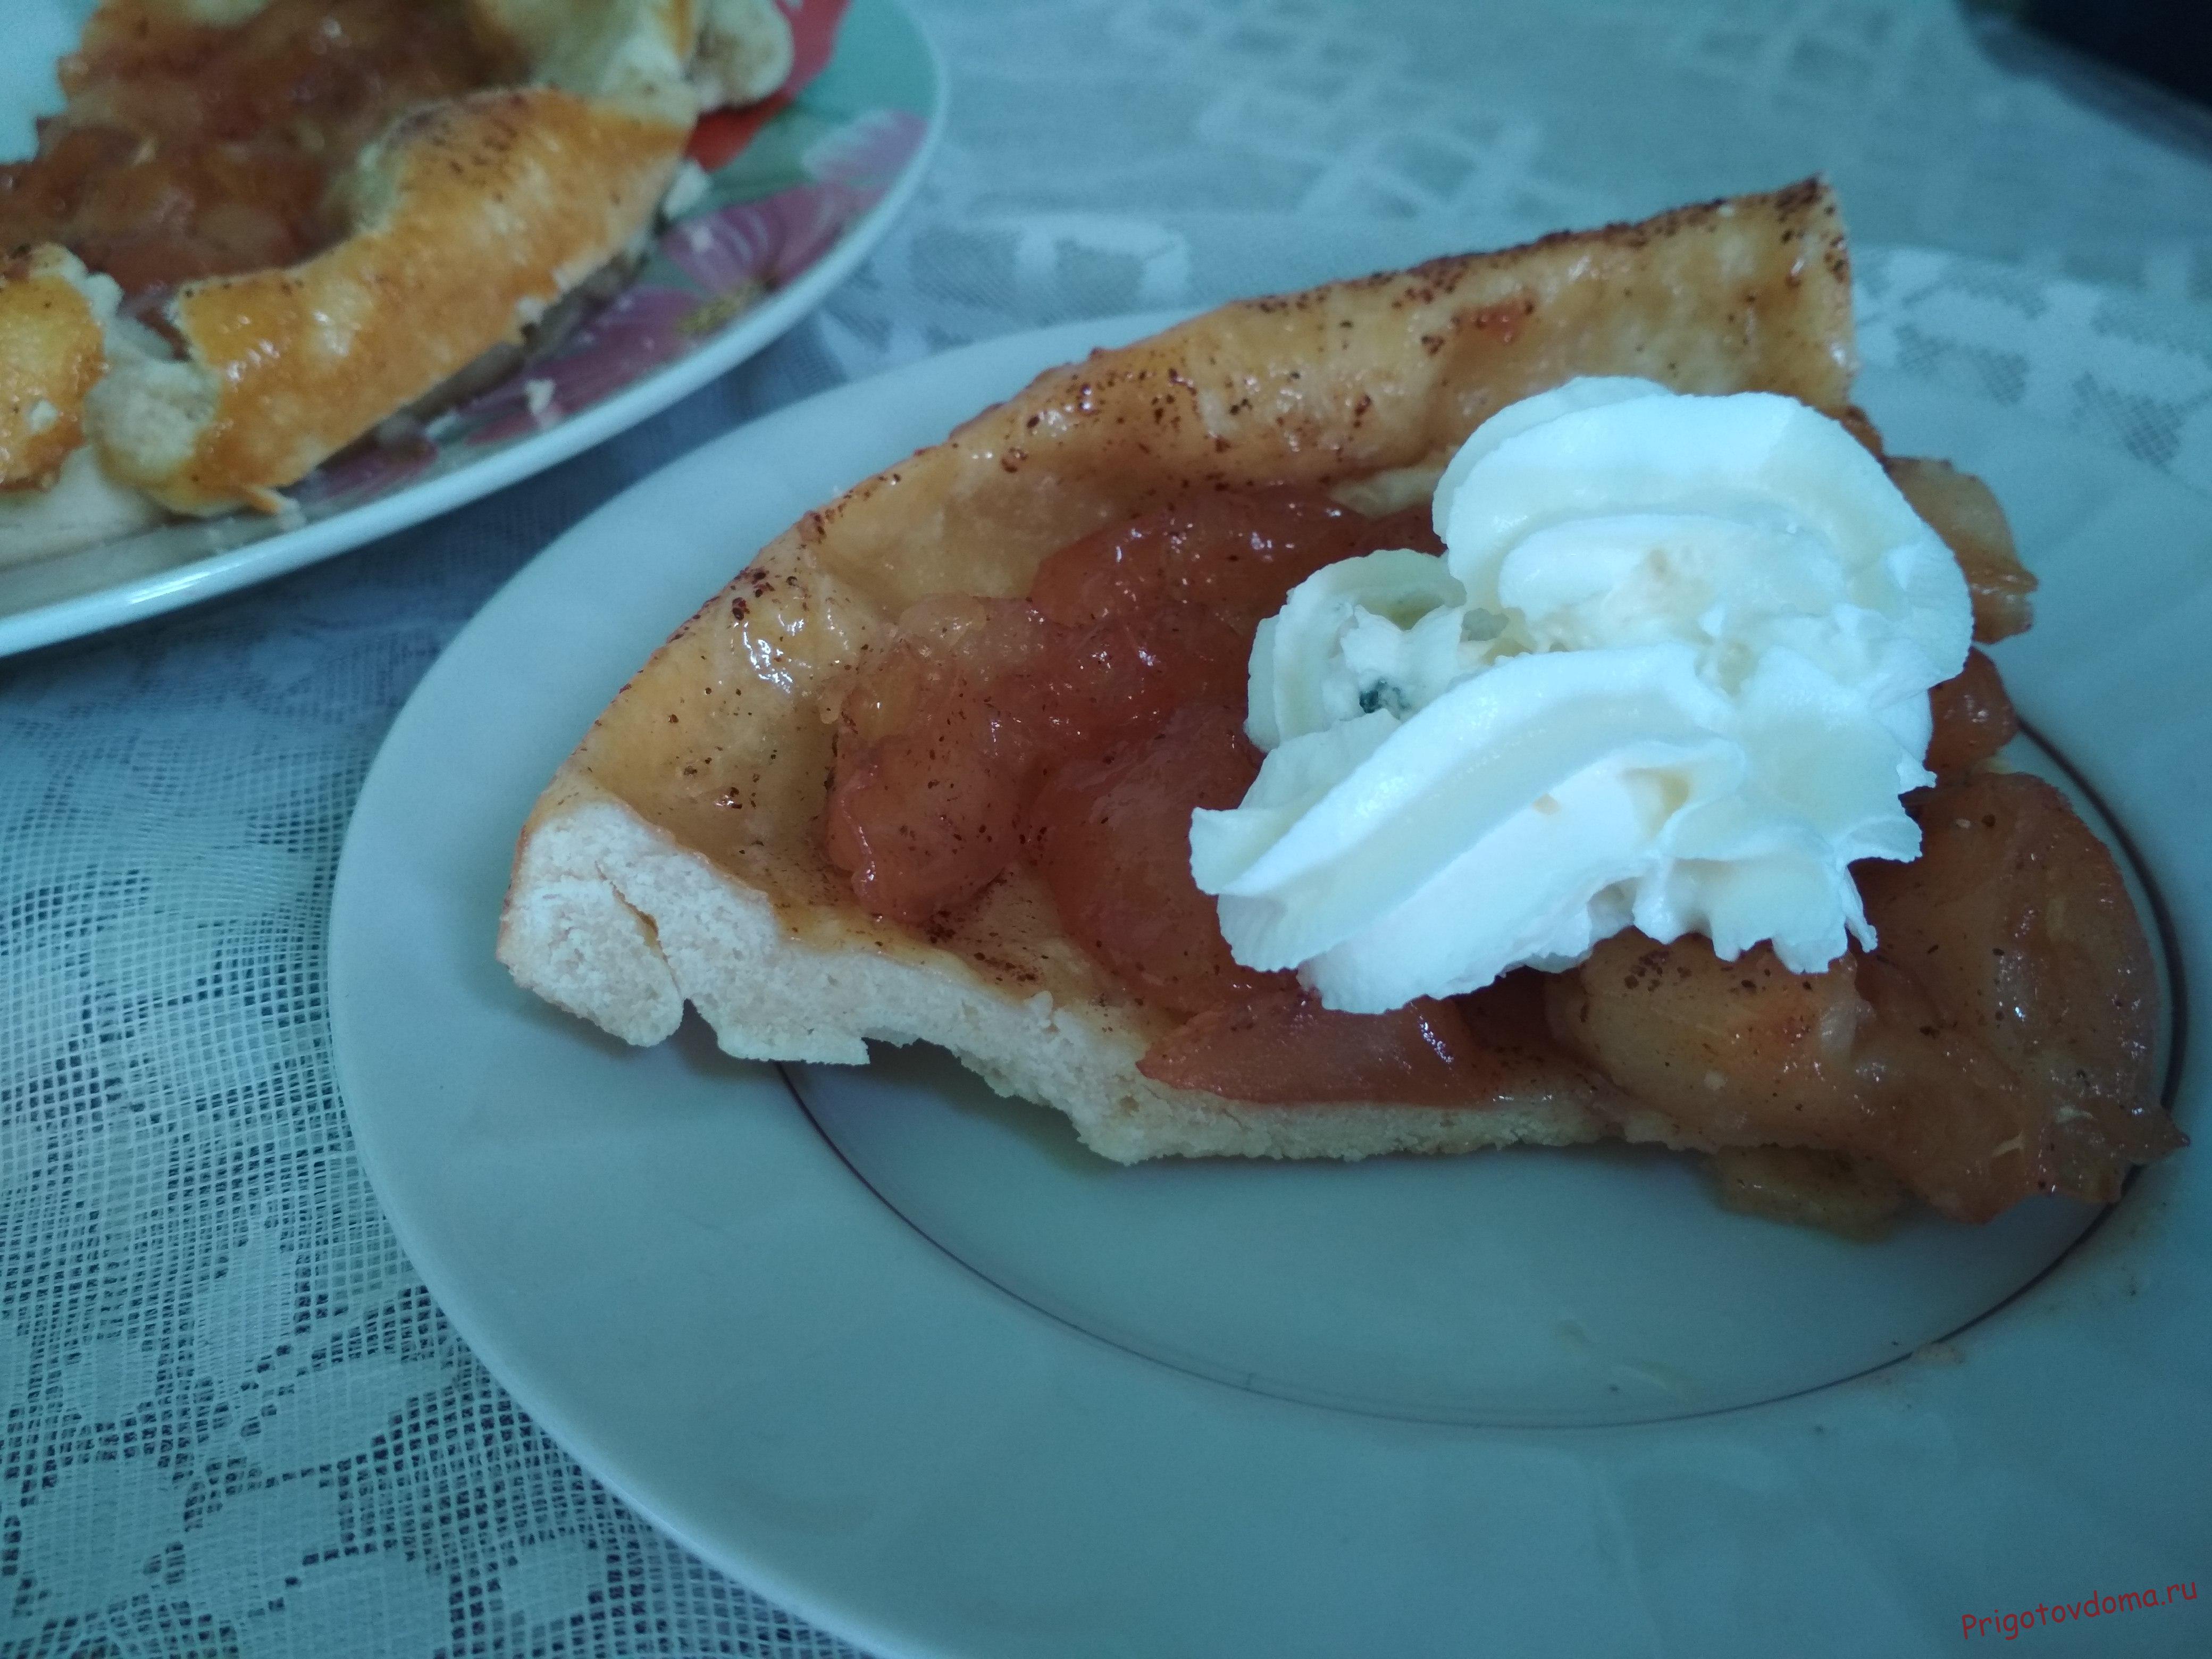 Пирог Тарт Татен с яблоками и карамелью